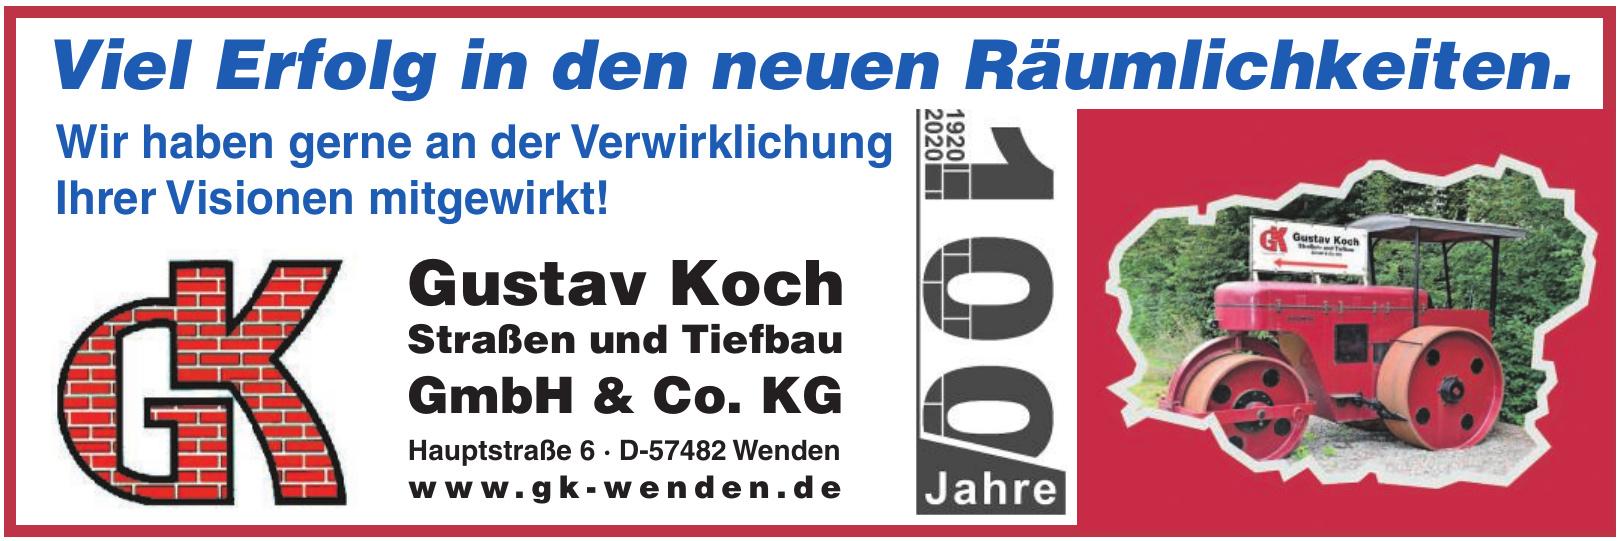 GK Gustav Koch Straßen- und Tiefbau GmbH & Co. KG